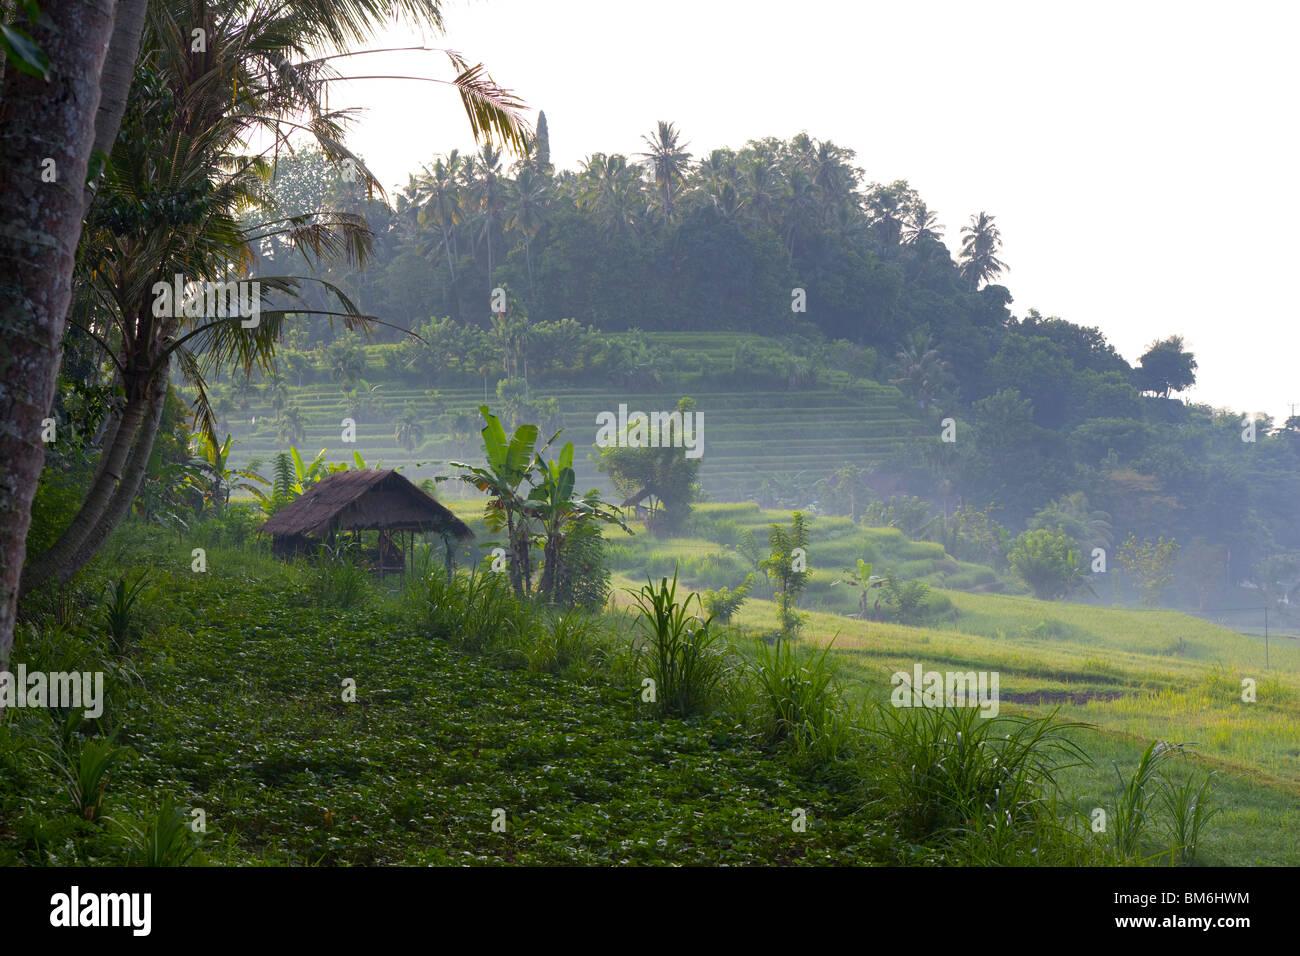 Campo di riso a Tirta gangga, Bali Indonesia Immagini Stock